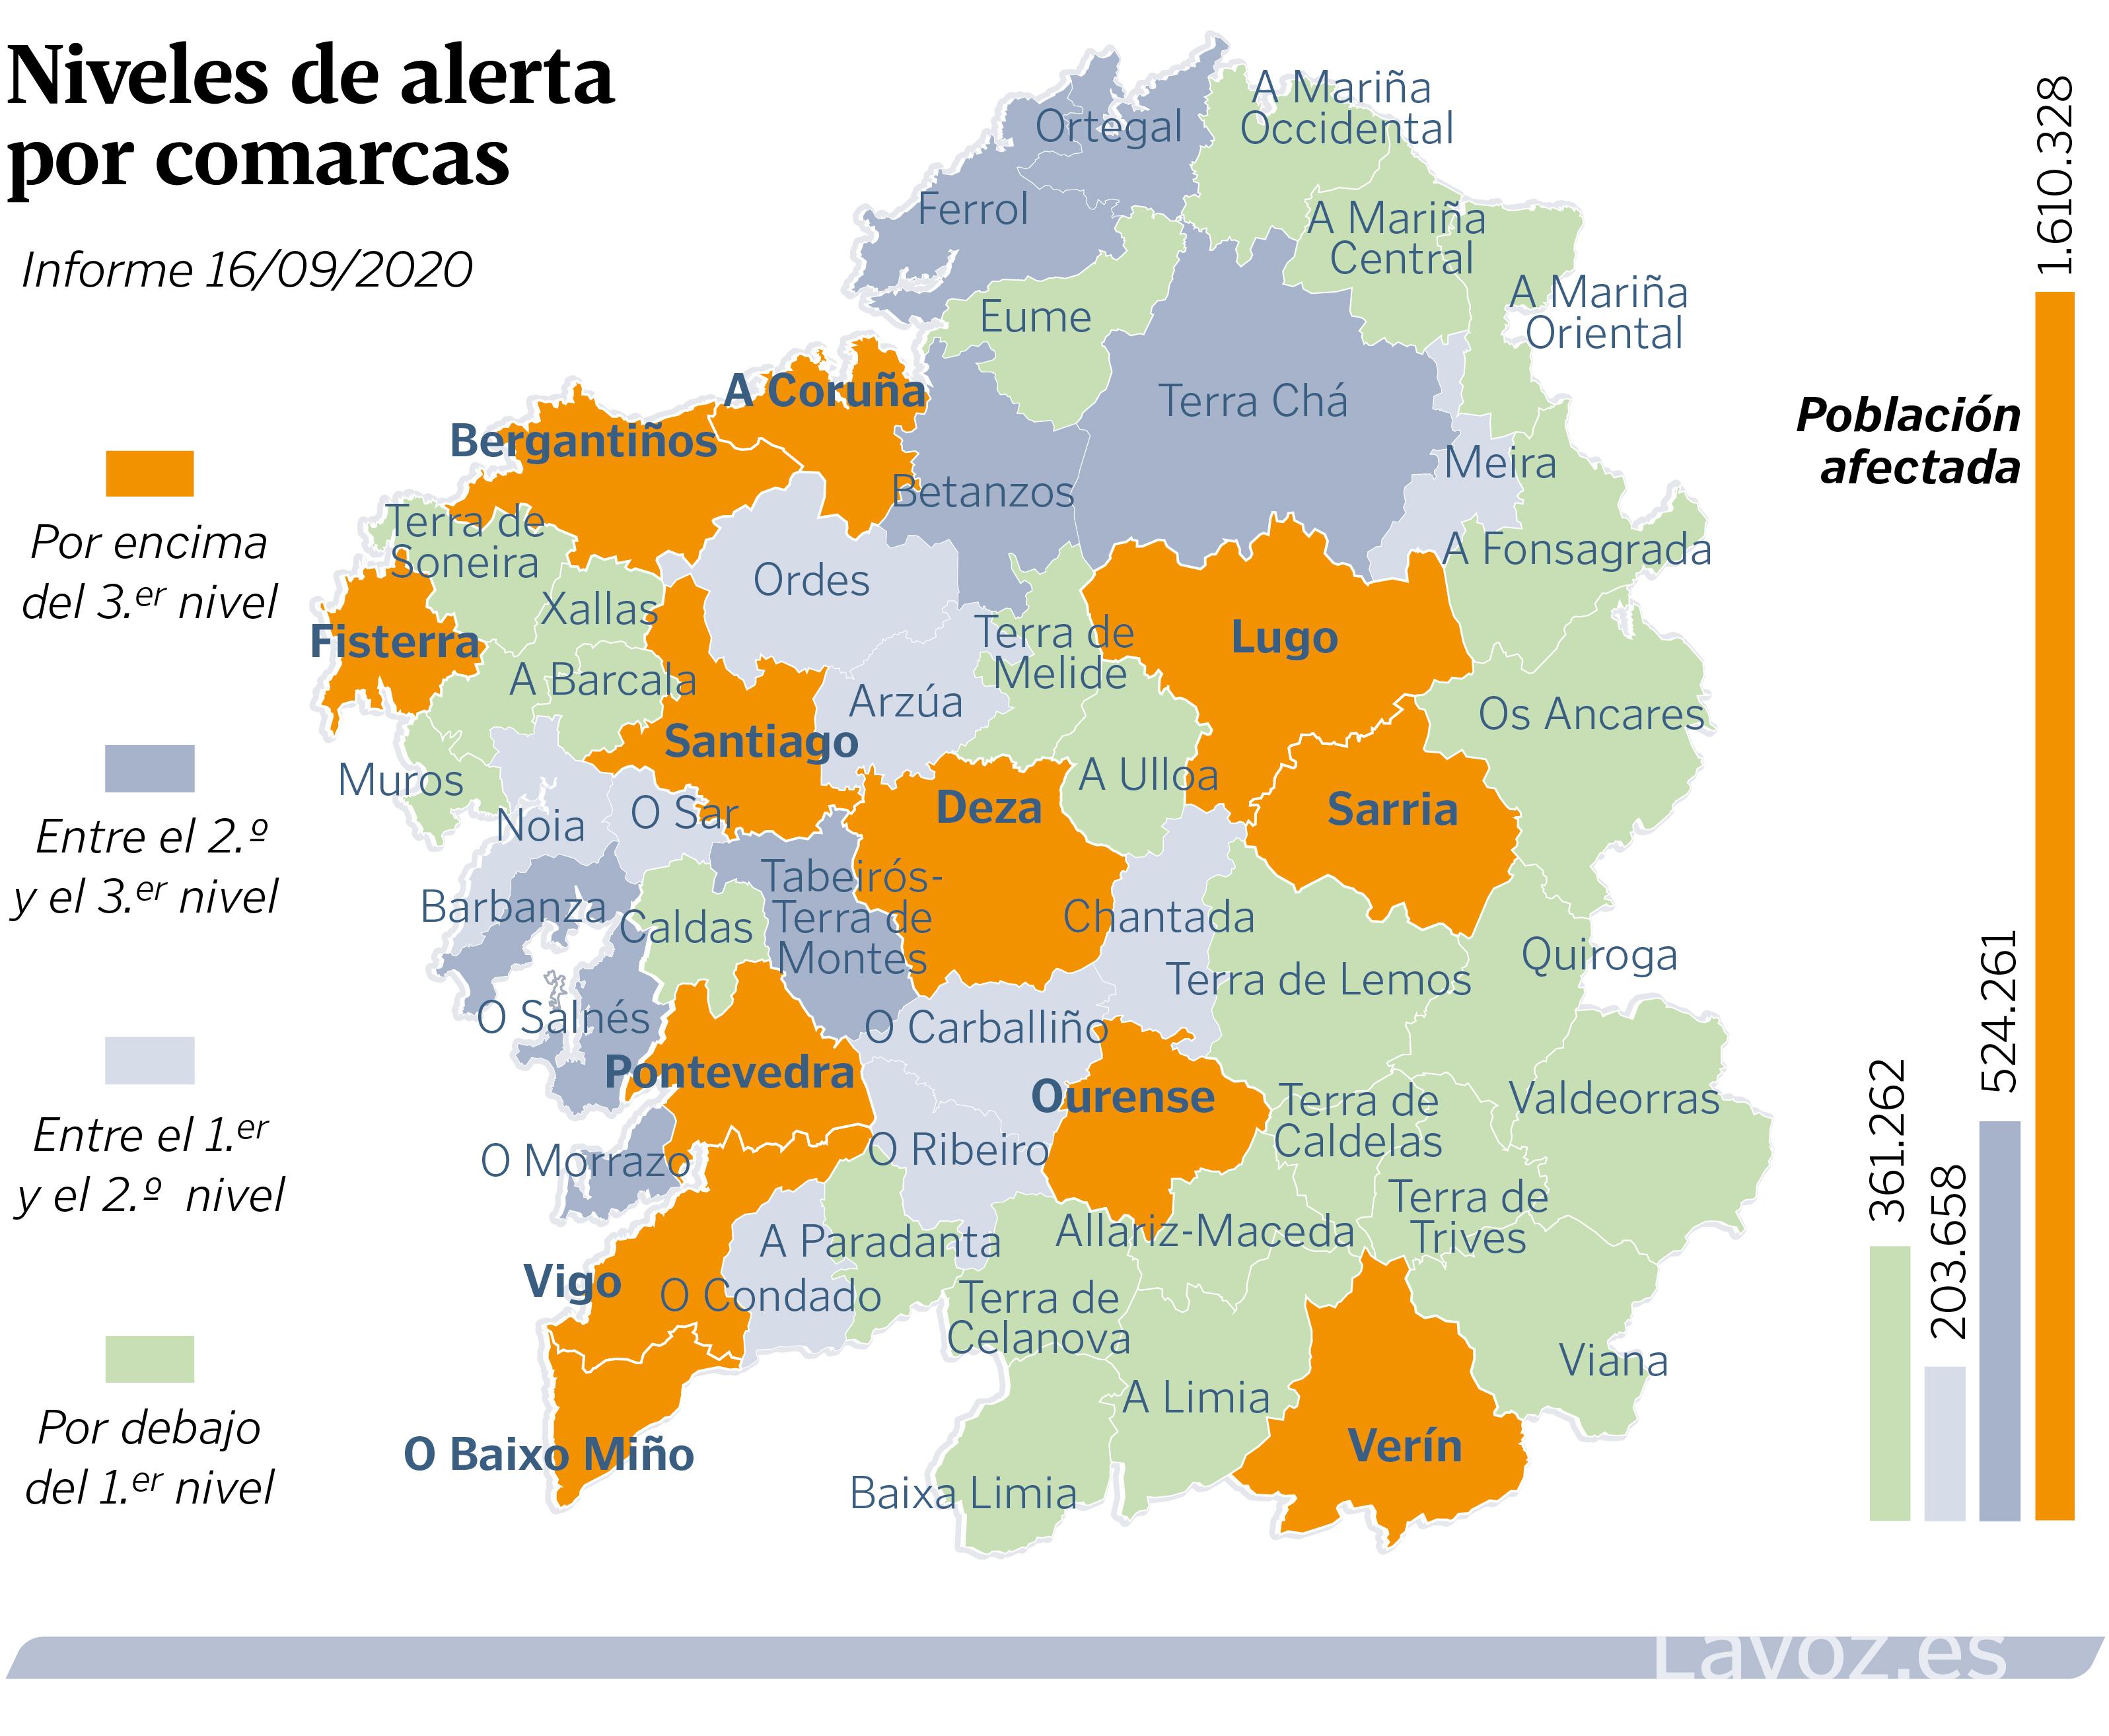 Doce Comarcas De Galicia Están En Alerta Roja Por Los Casos De Covid